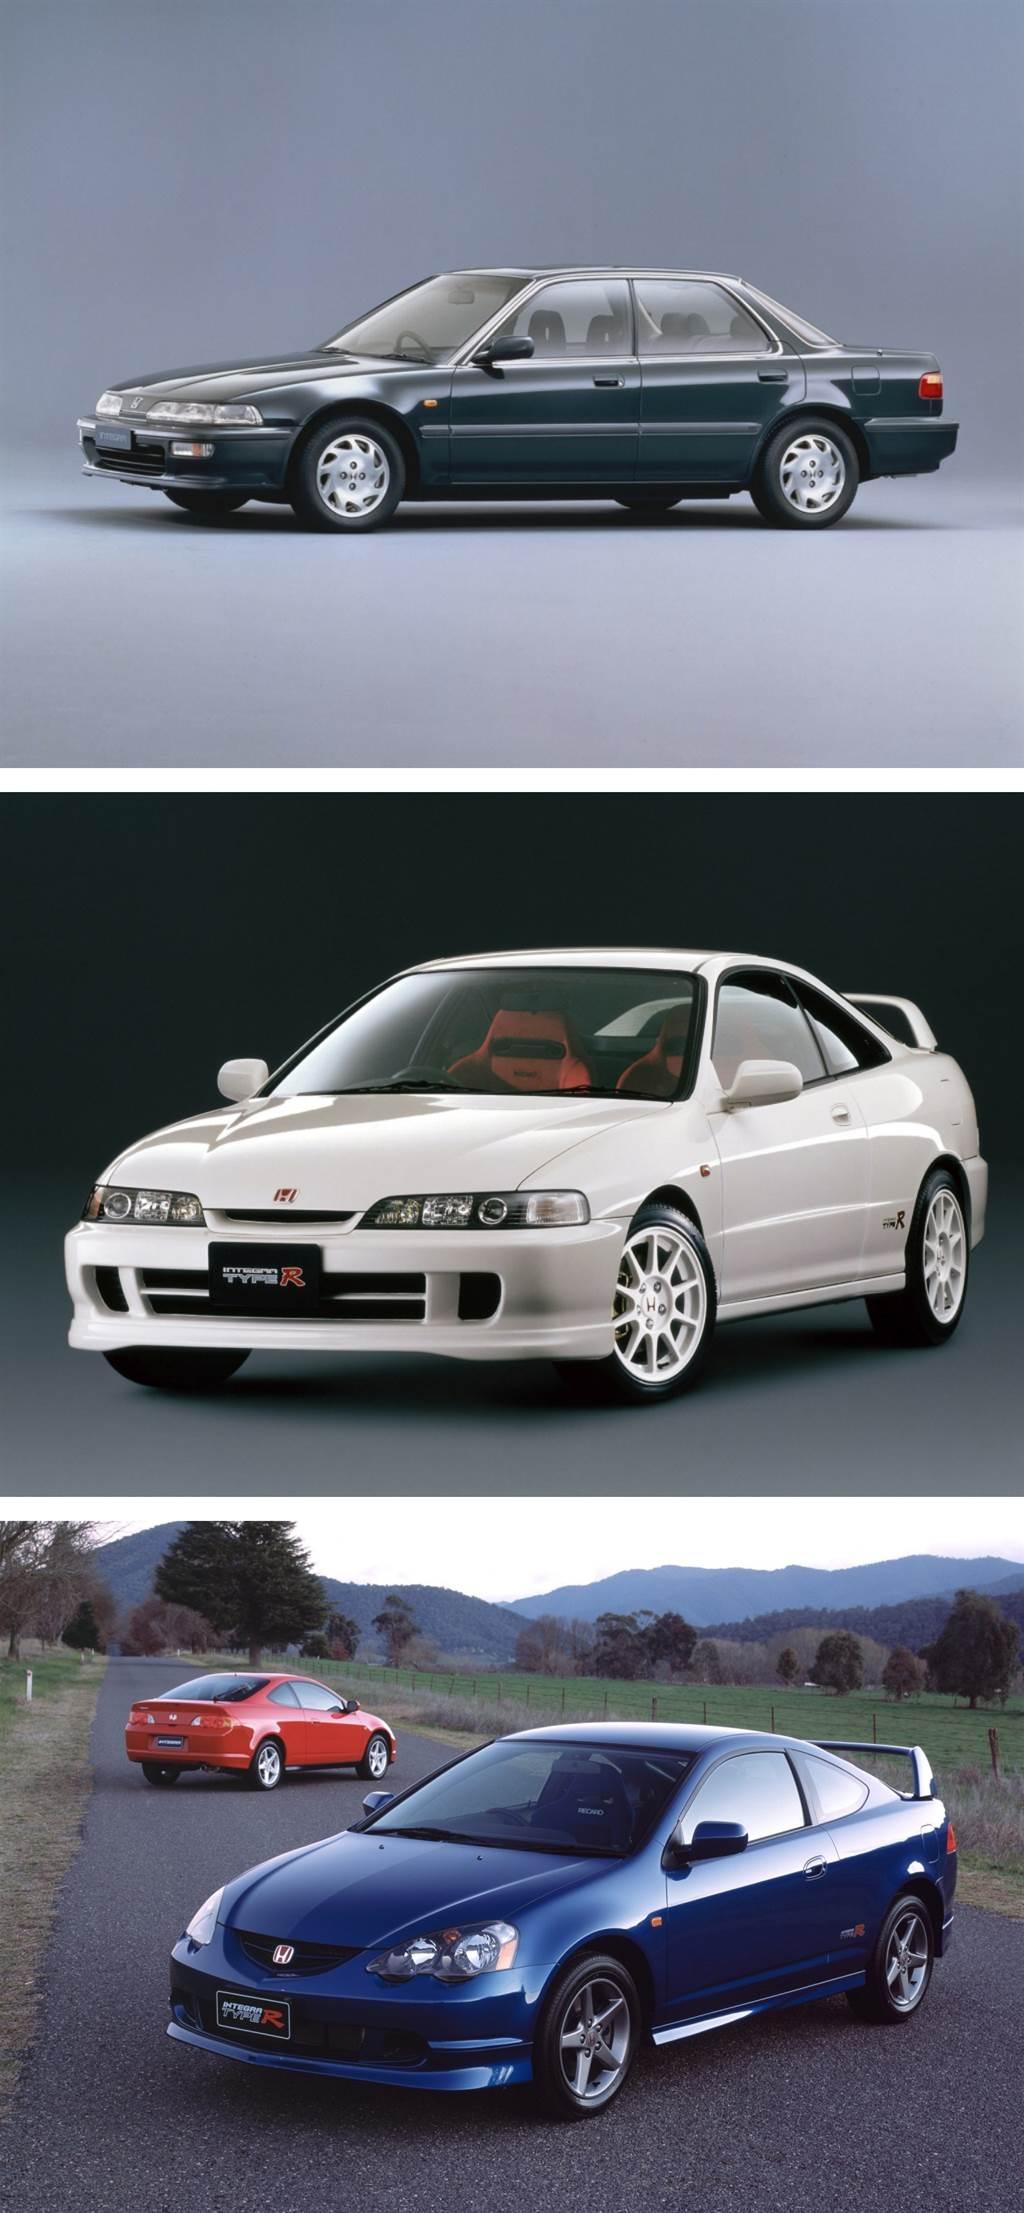 純正「硬地瓜」真的要回歸了!Acura Integra 將於 2022 年春季亮相!(圖/CarStuff)